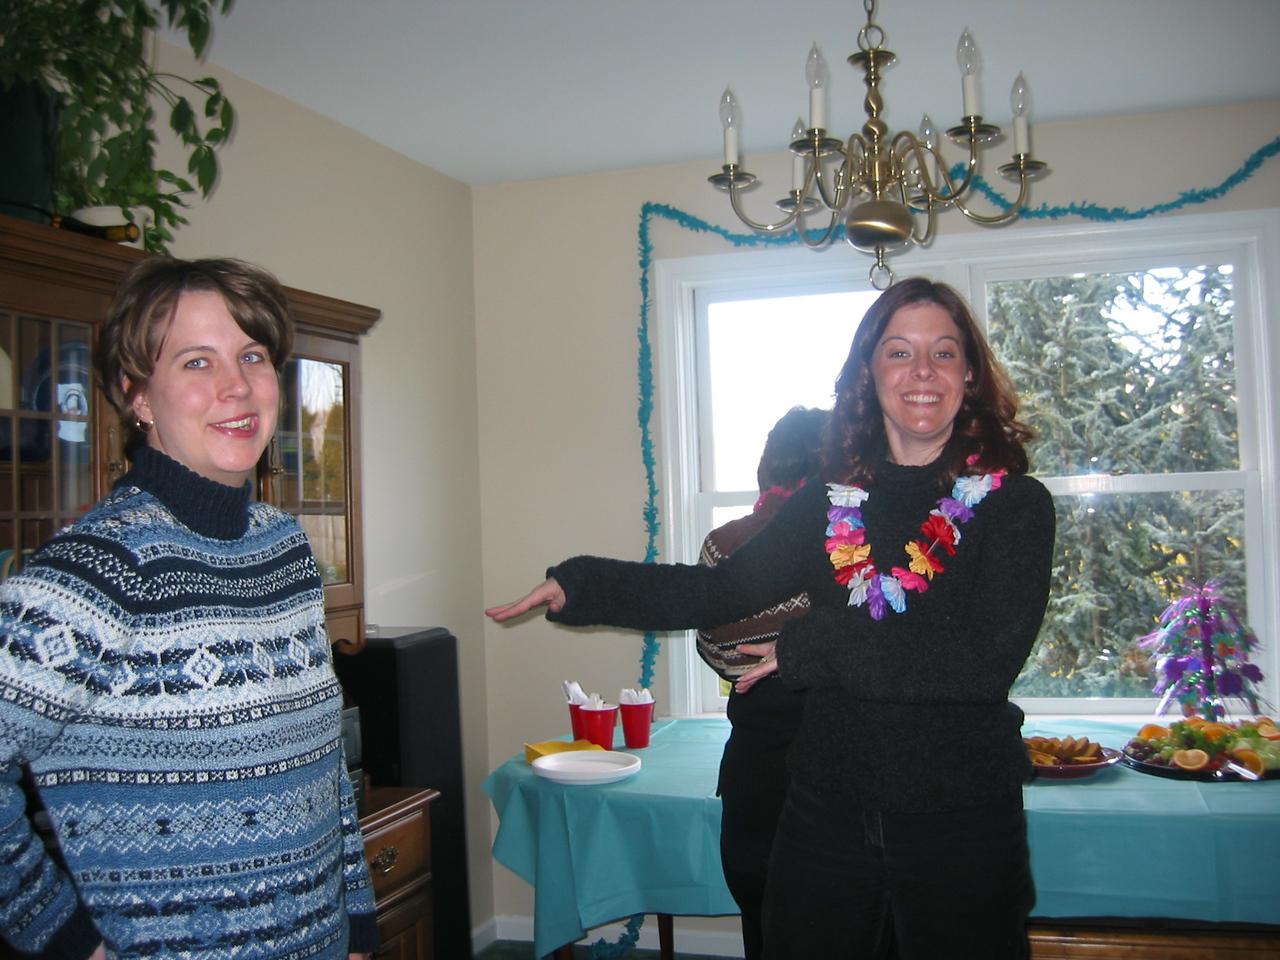 Amy and Cara doing the hula